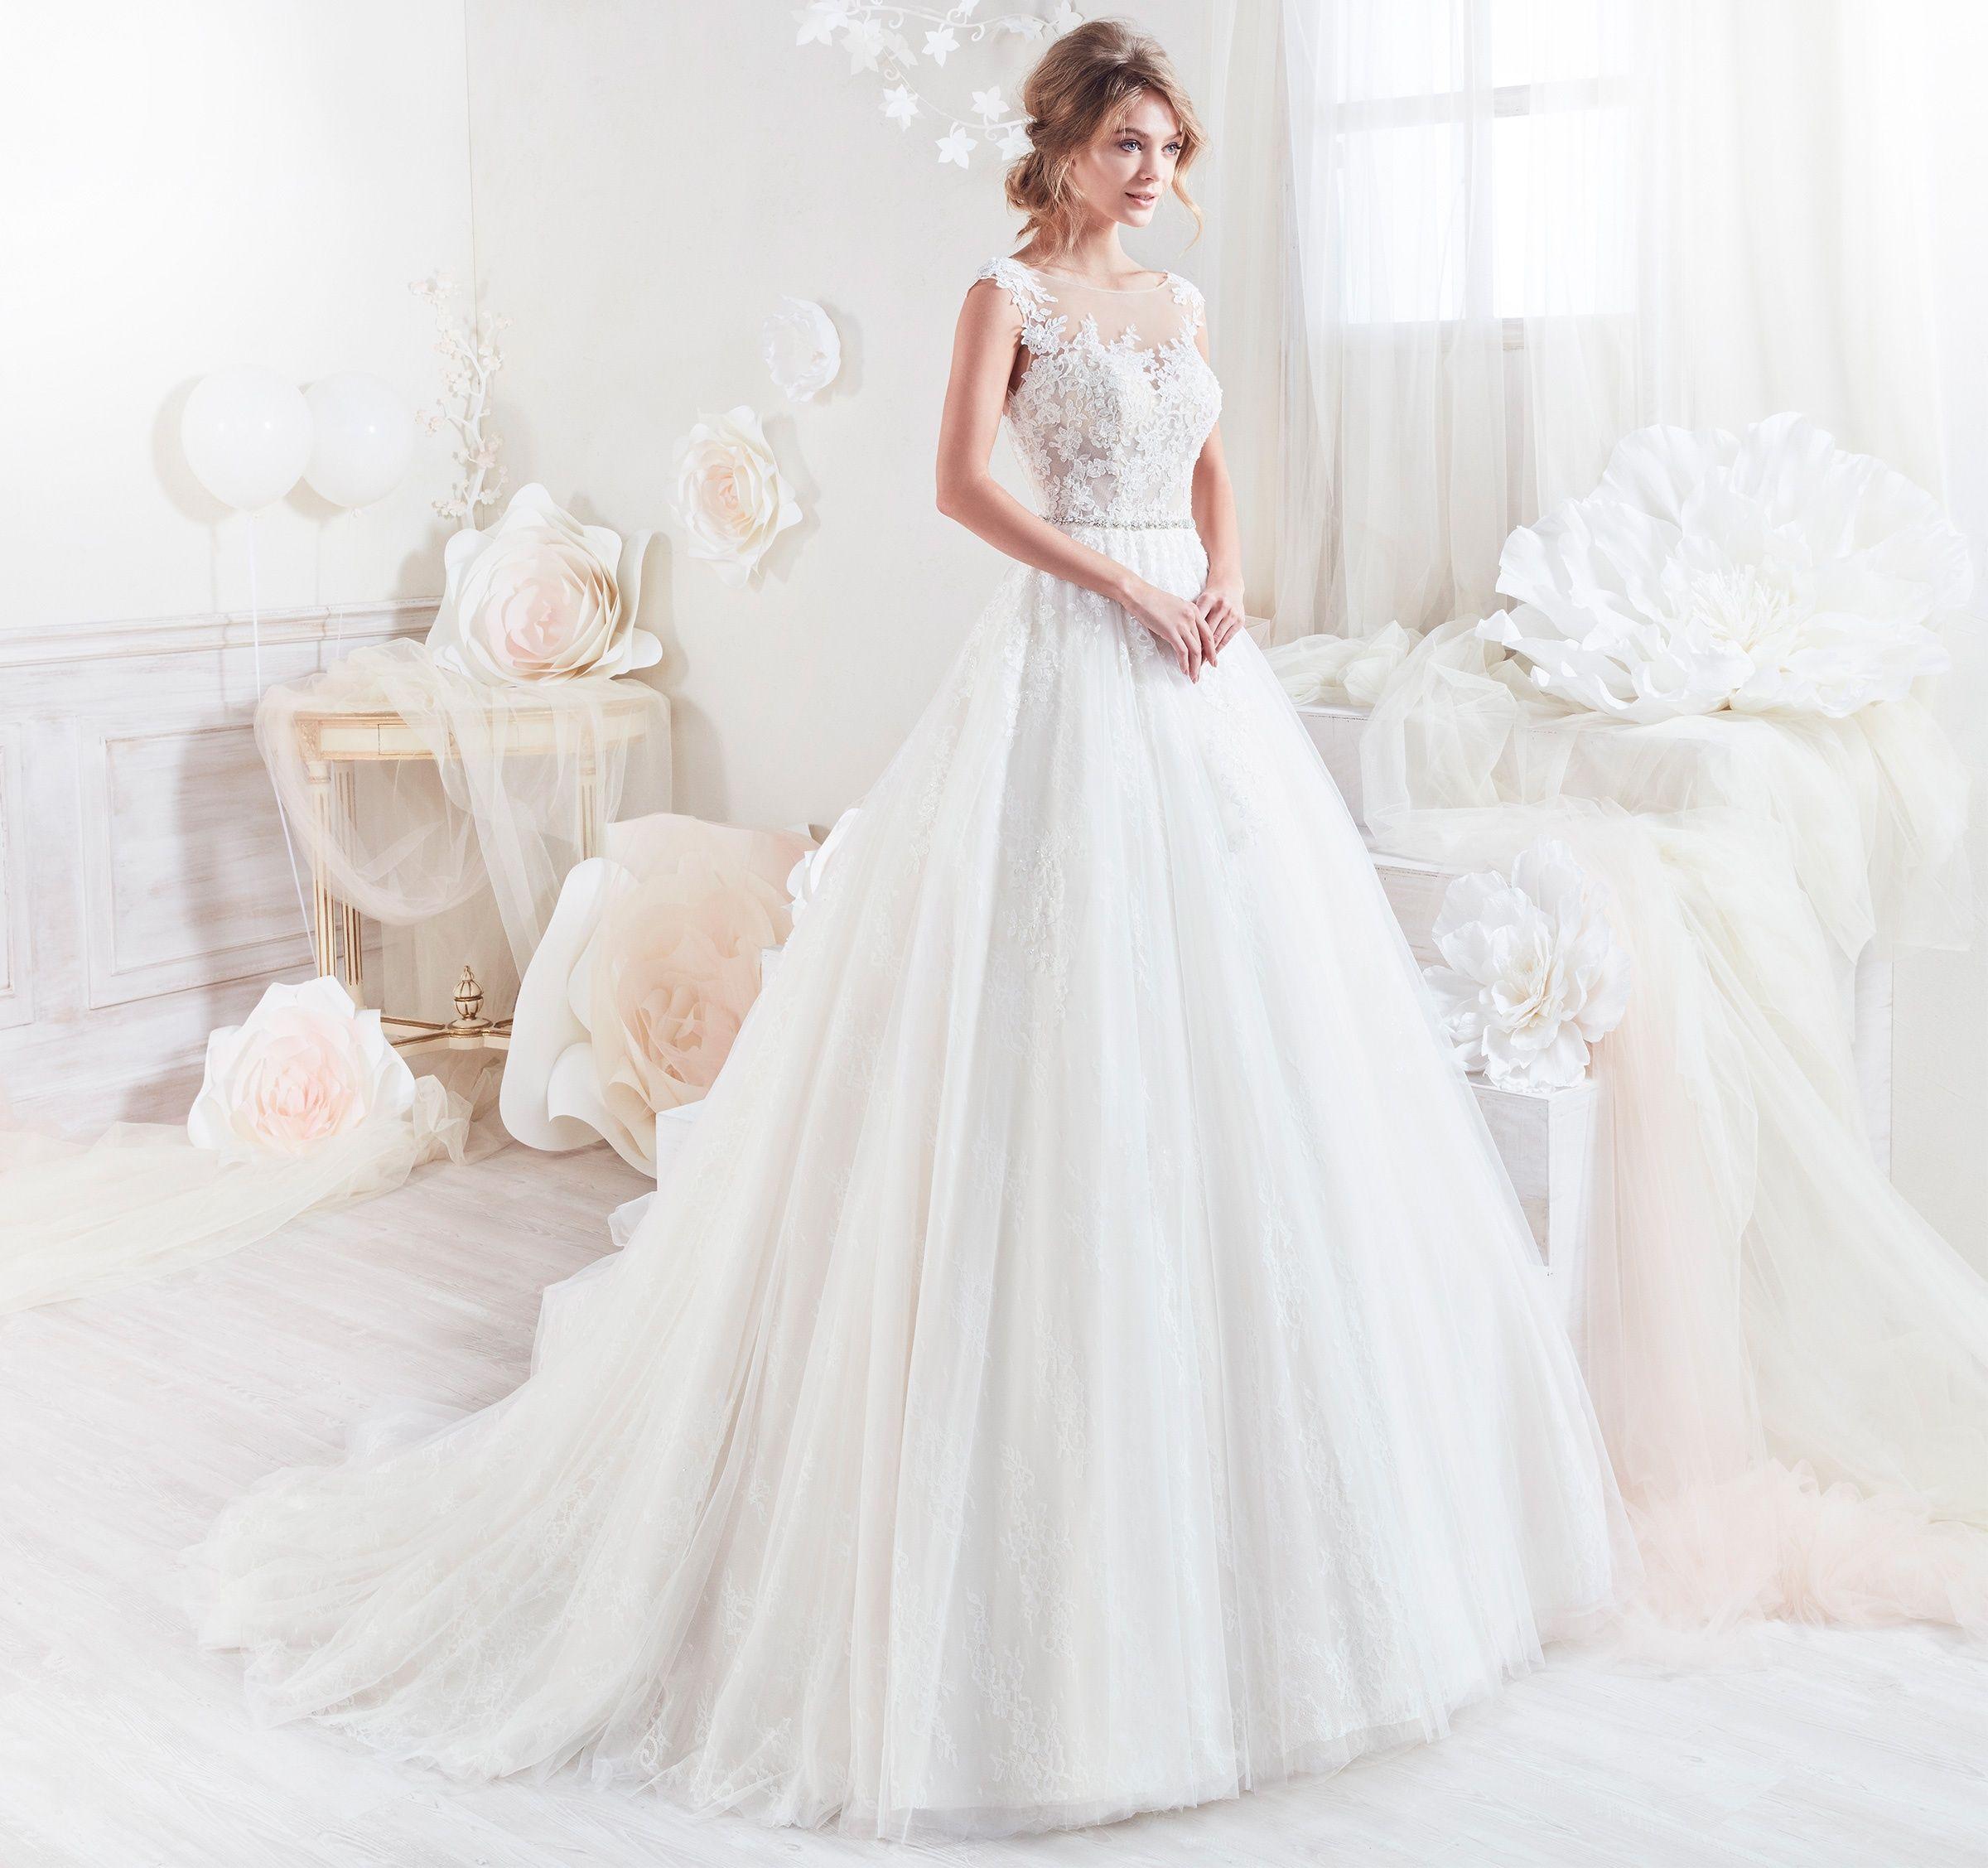 Abiti da sposa colet 2018 prezzi